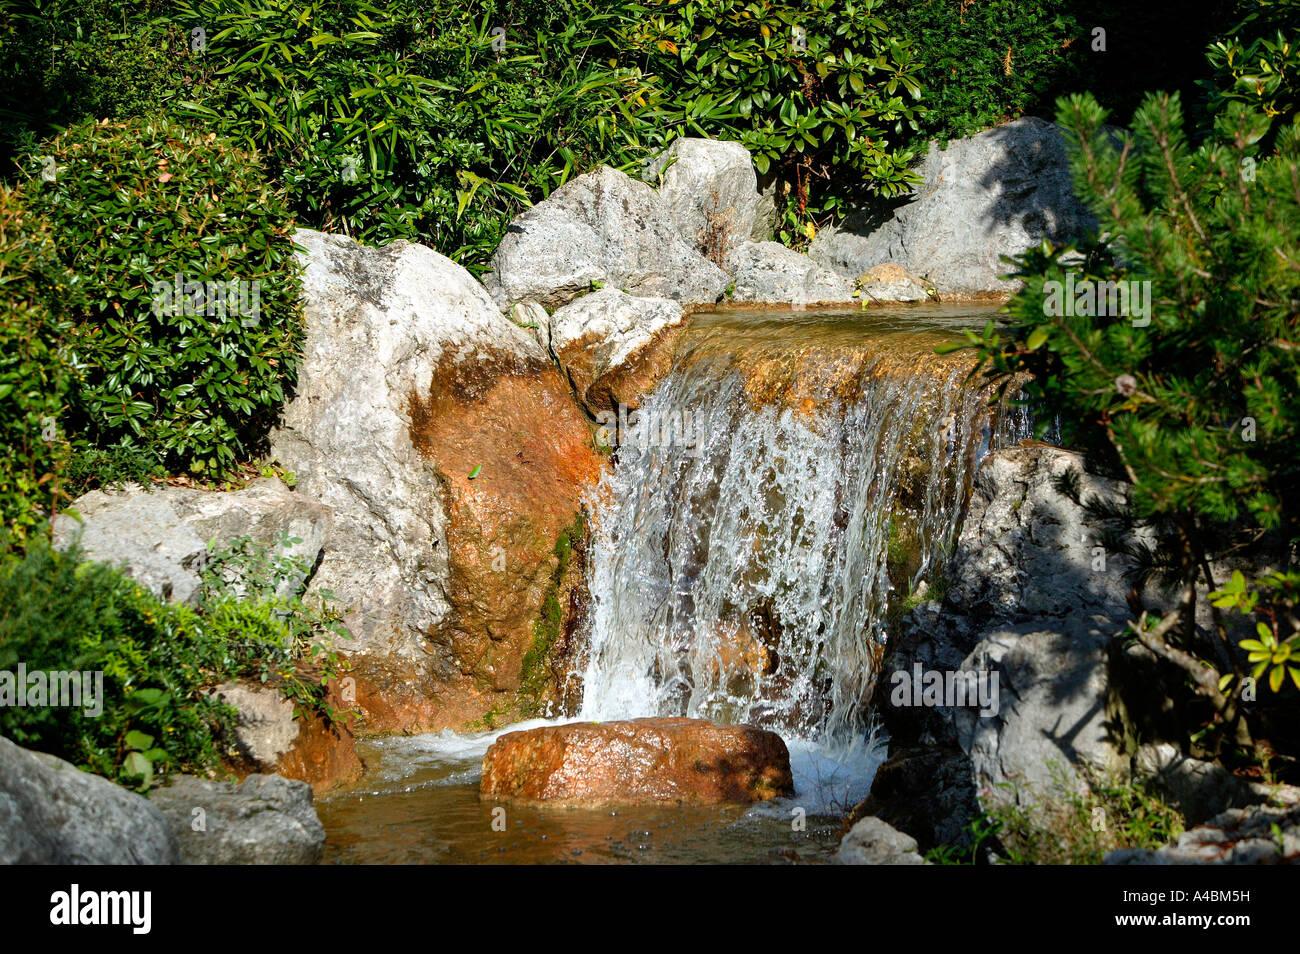 Wasserfall Im Garten Stockfotos Wasserfall Im Garten Bilder Alamy